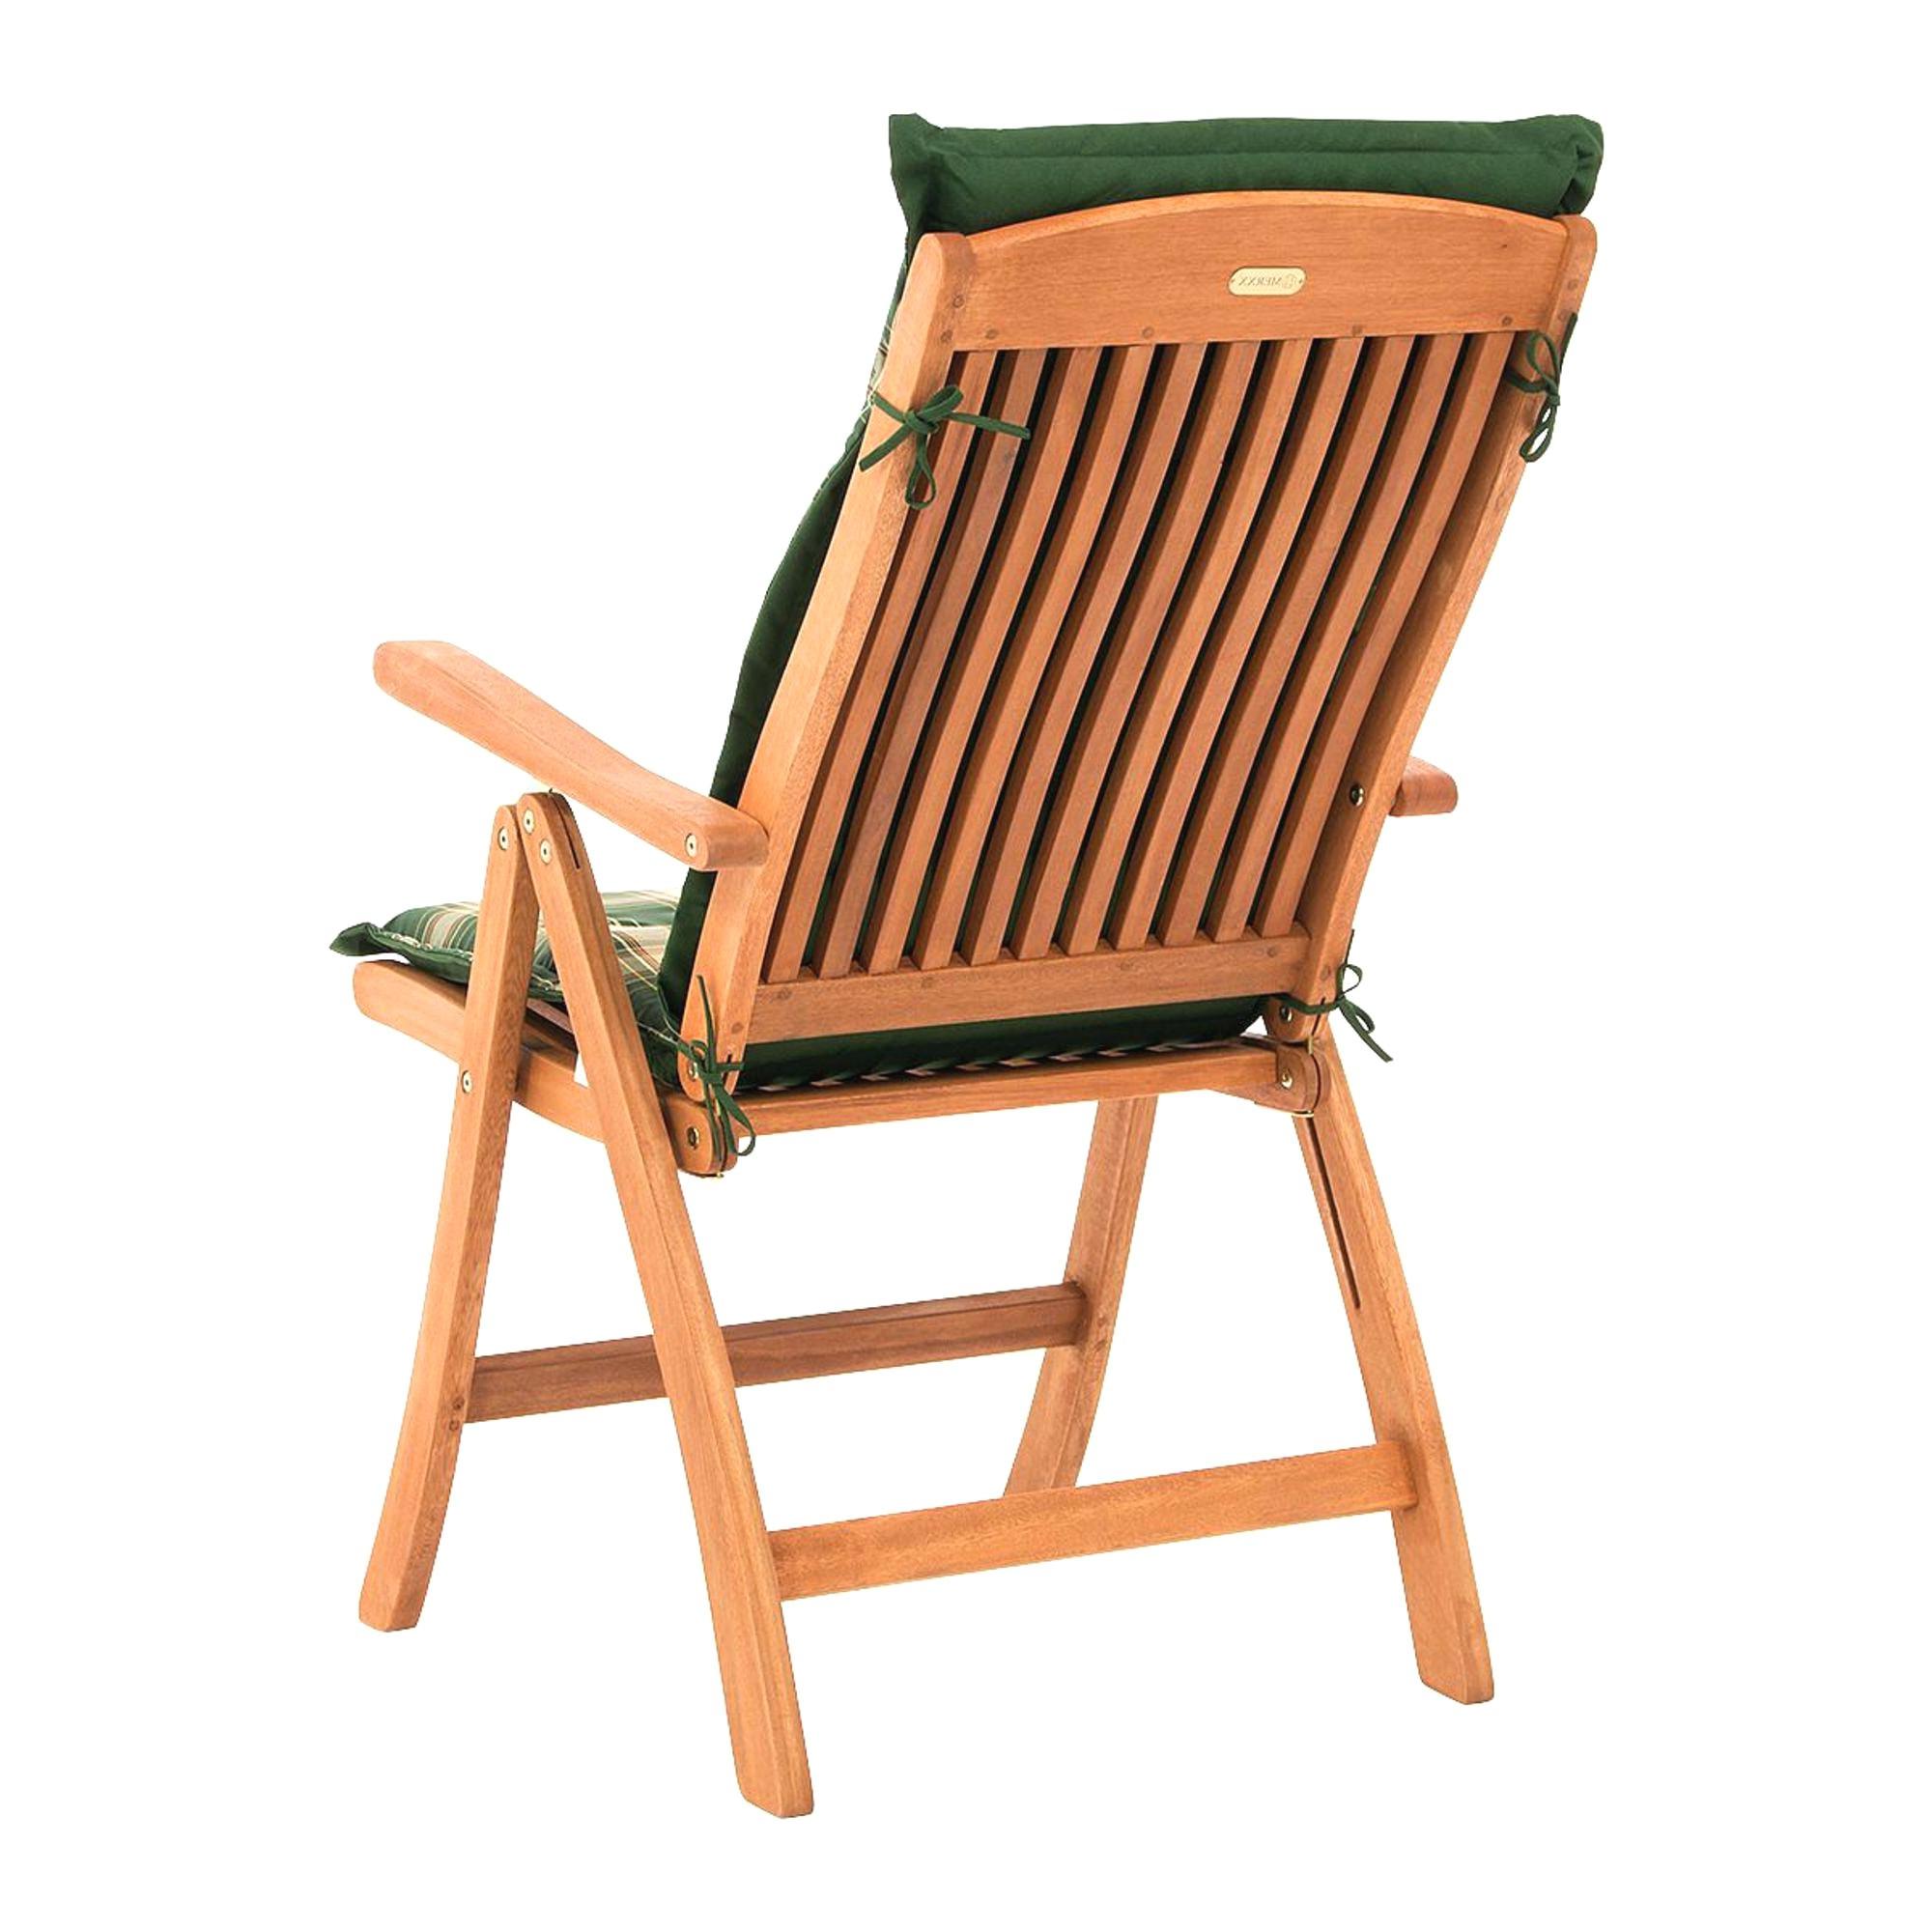 Full Size of Gartenliege Ikea Garten Terrasse Holz Sonnenliege Strandliege Liegestuhl Aus Modulküche Küche Kosten Betten Bei Sofa Mit Schlaffunktion 160x200 Miniküche Wohnzimmer Gartenliege Ikea